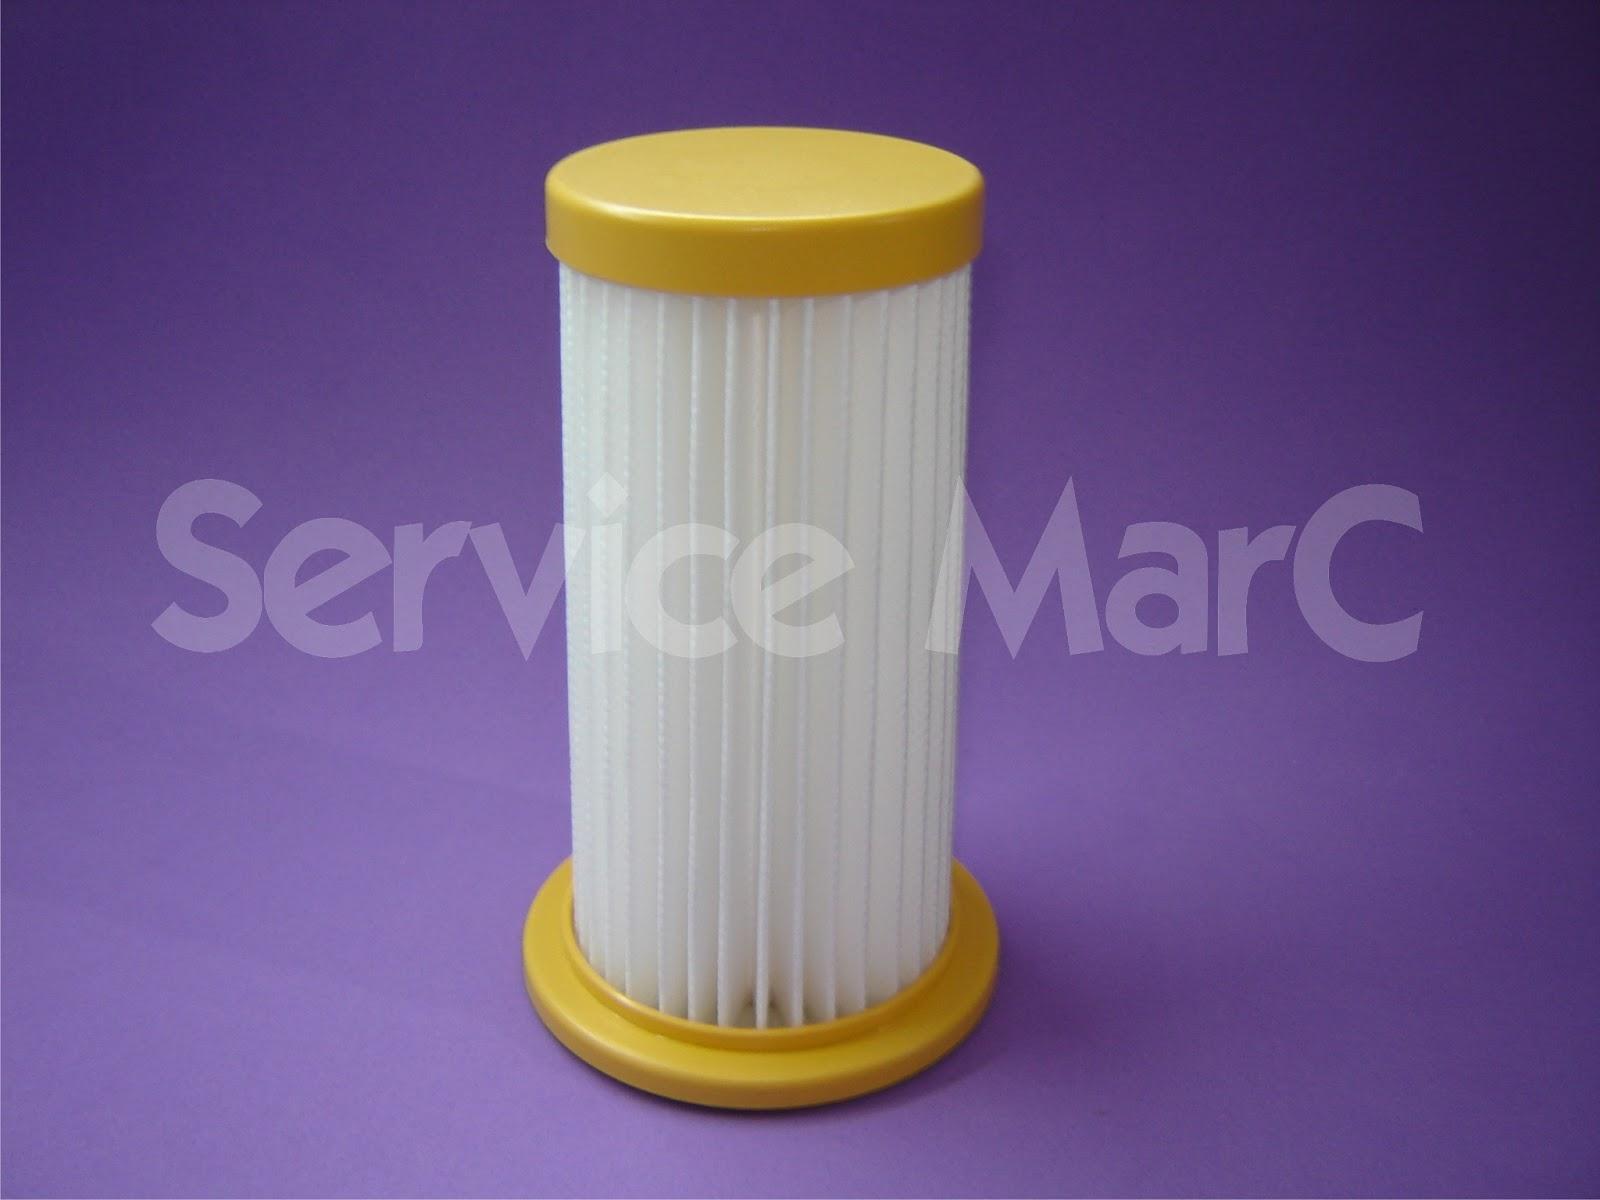 Service marc repuestos filtro hepa de aspiradora philips for Aspiradora con filtro hepa